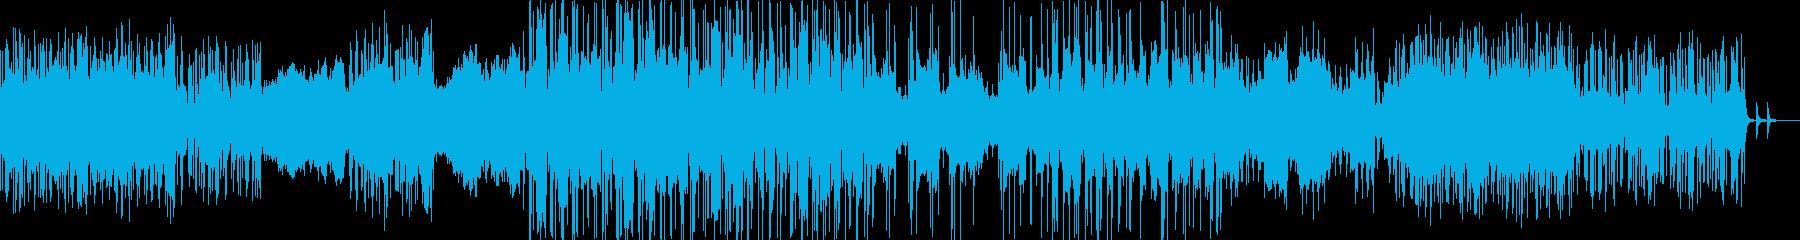 安堵感とシリアスな感じが入り混じった曲の再生済みの波形